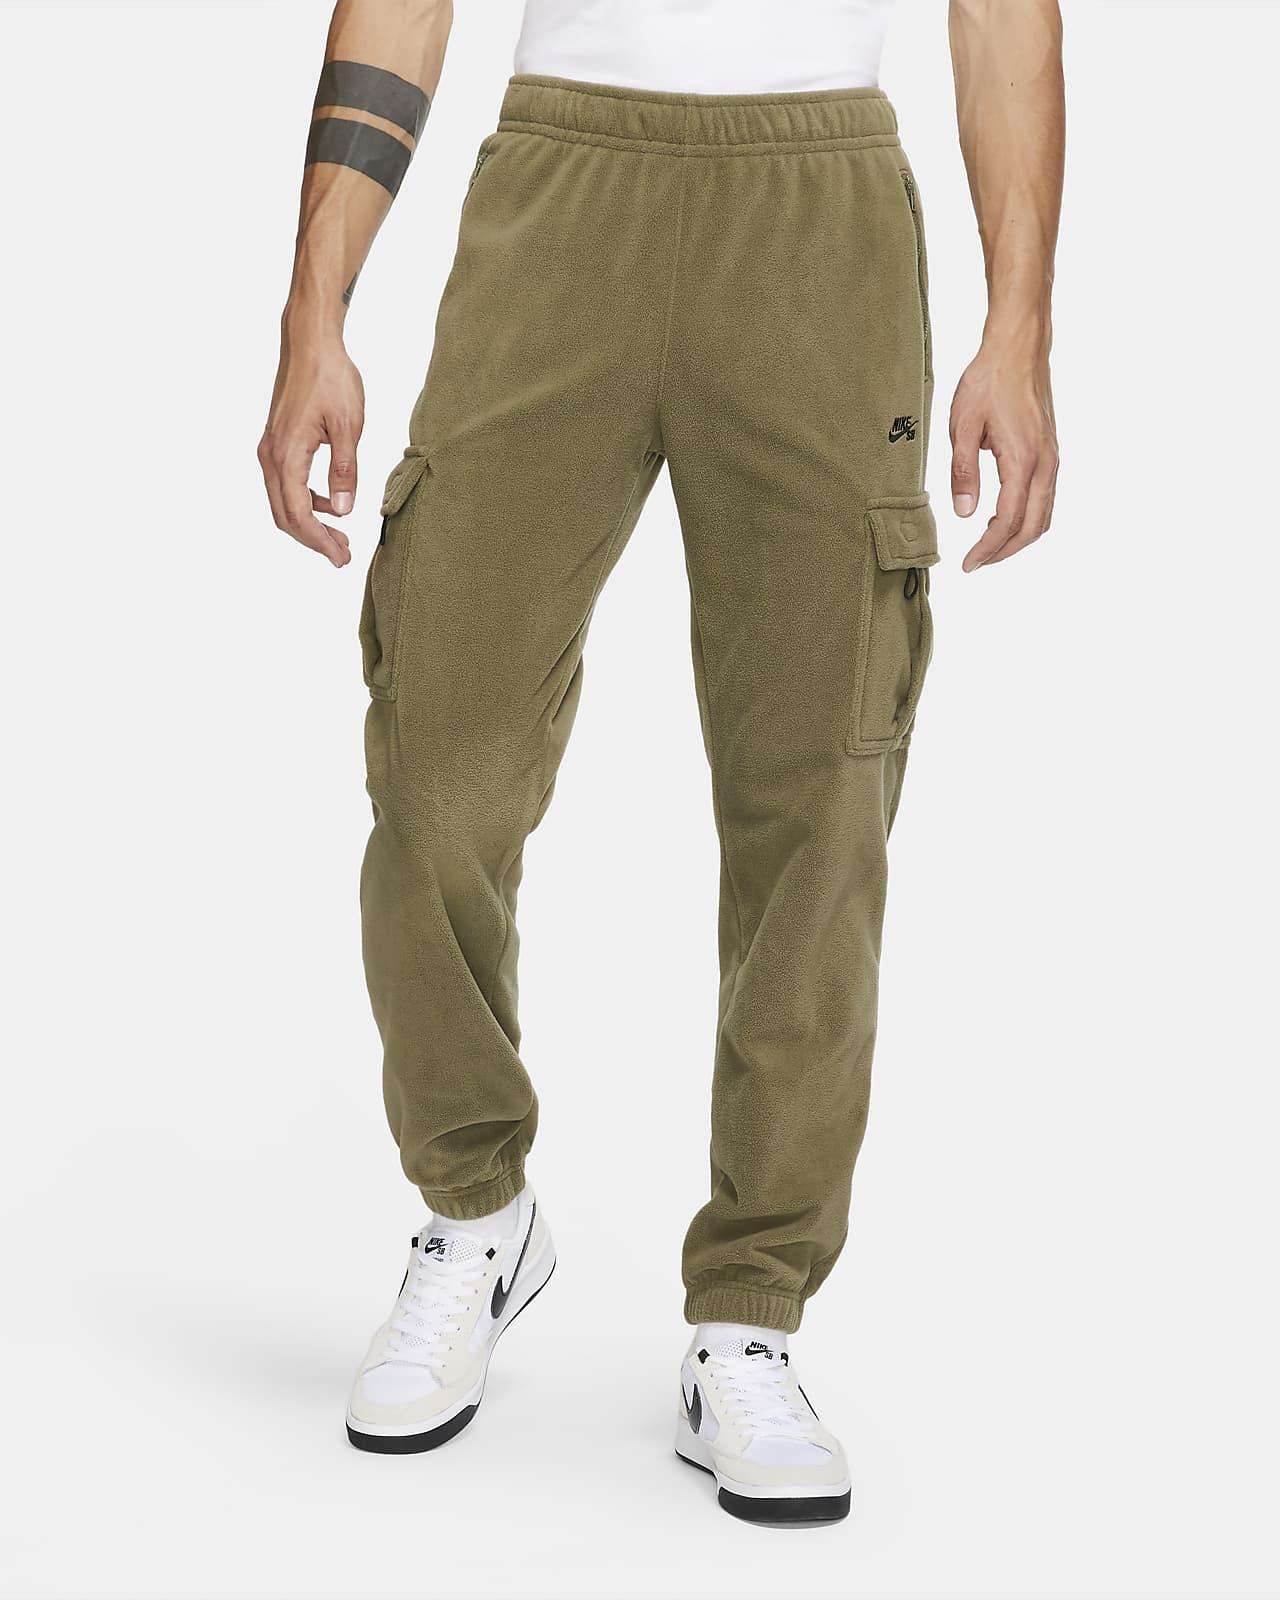 Pantalones cargo de skateboard para hombre Nike SB